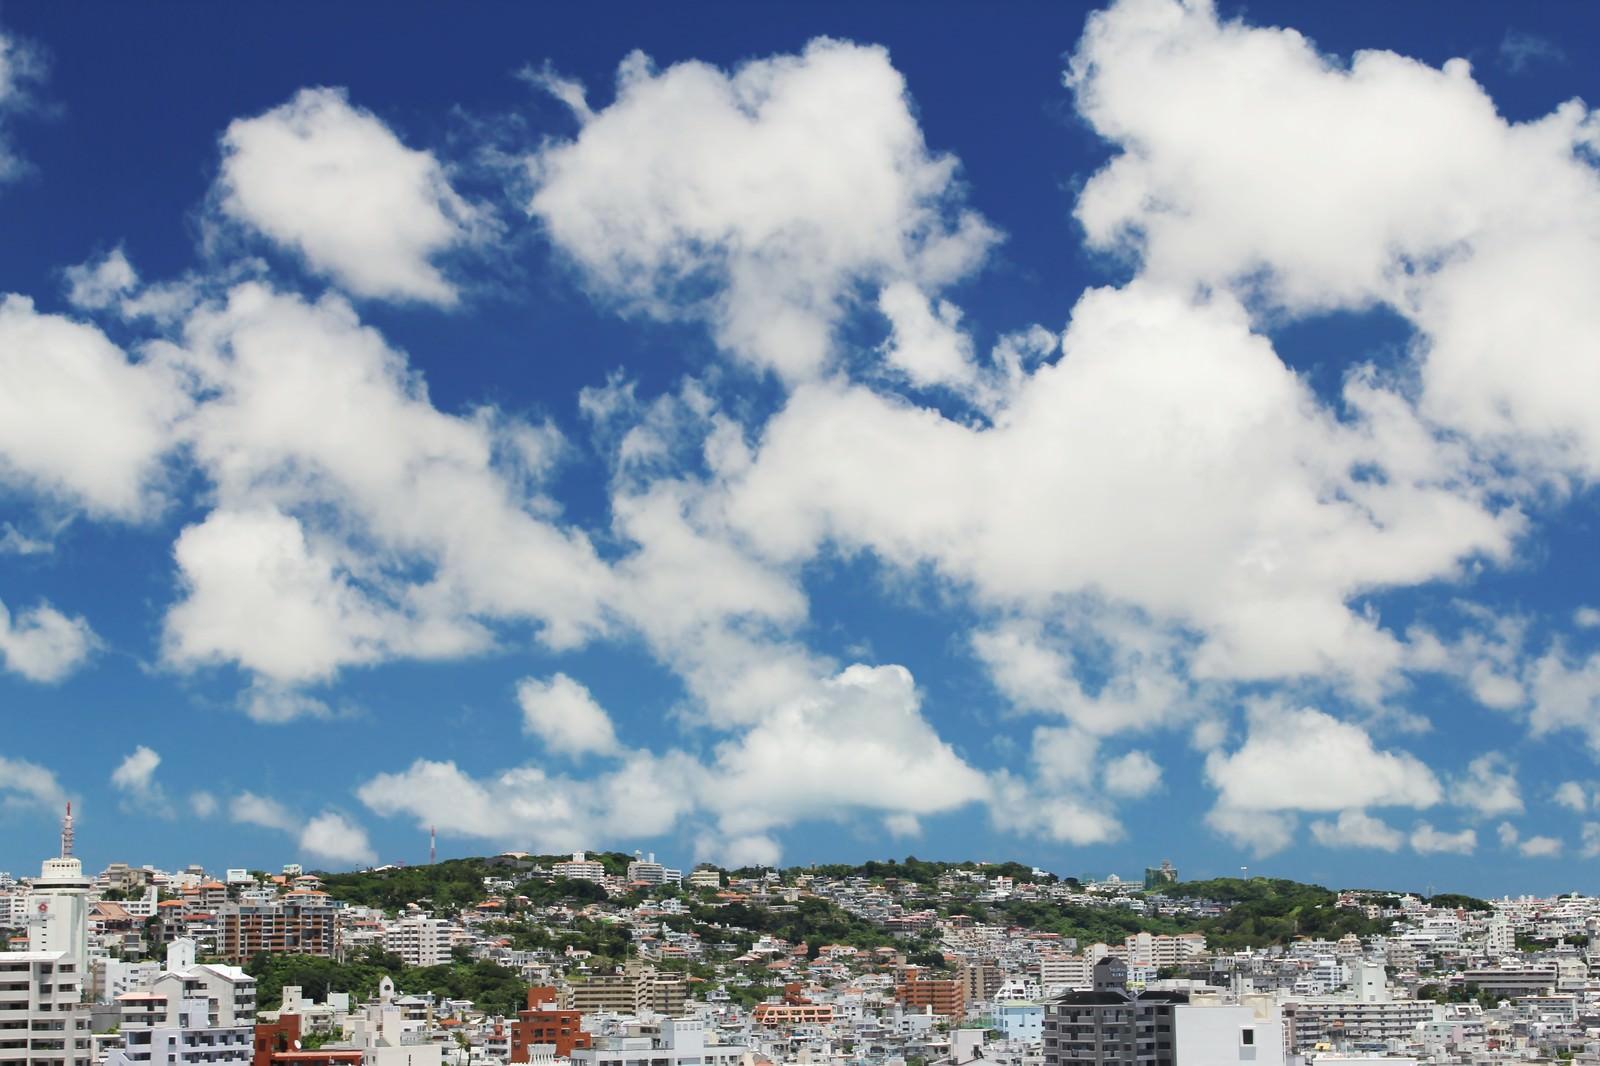 「屋上からの街並みと青空」の写真